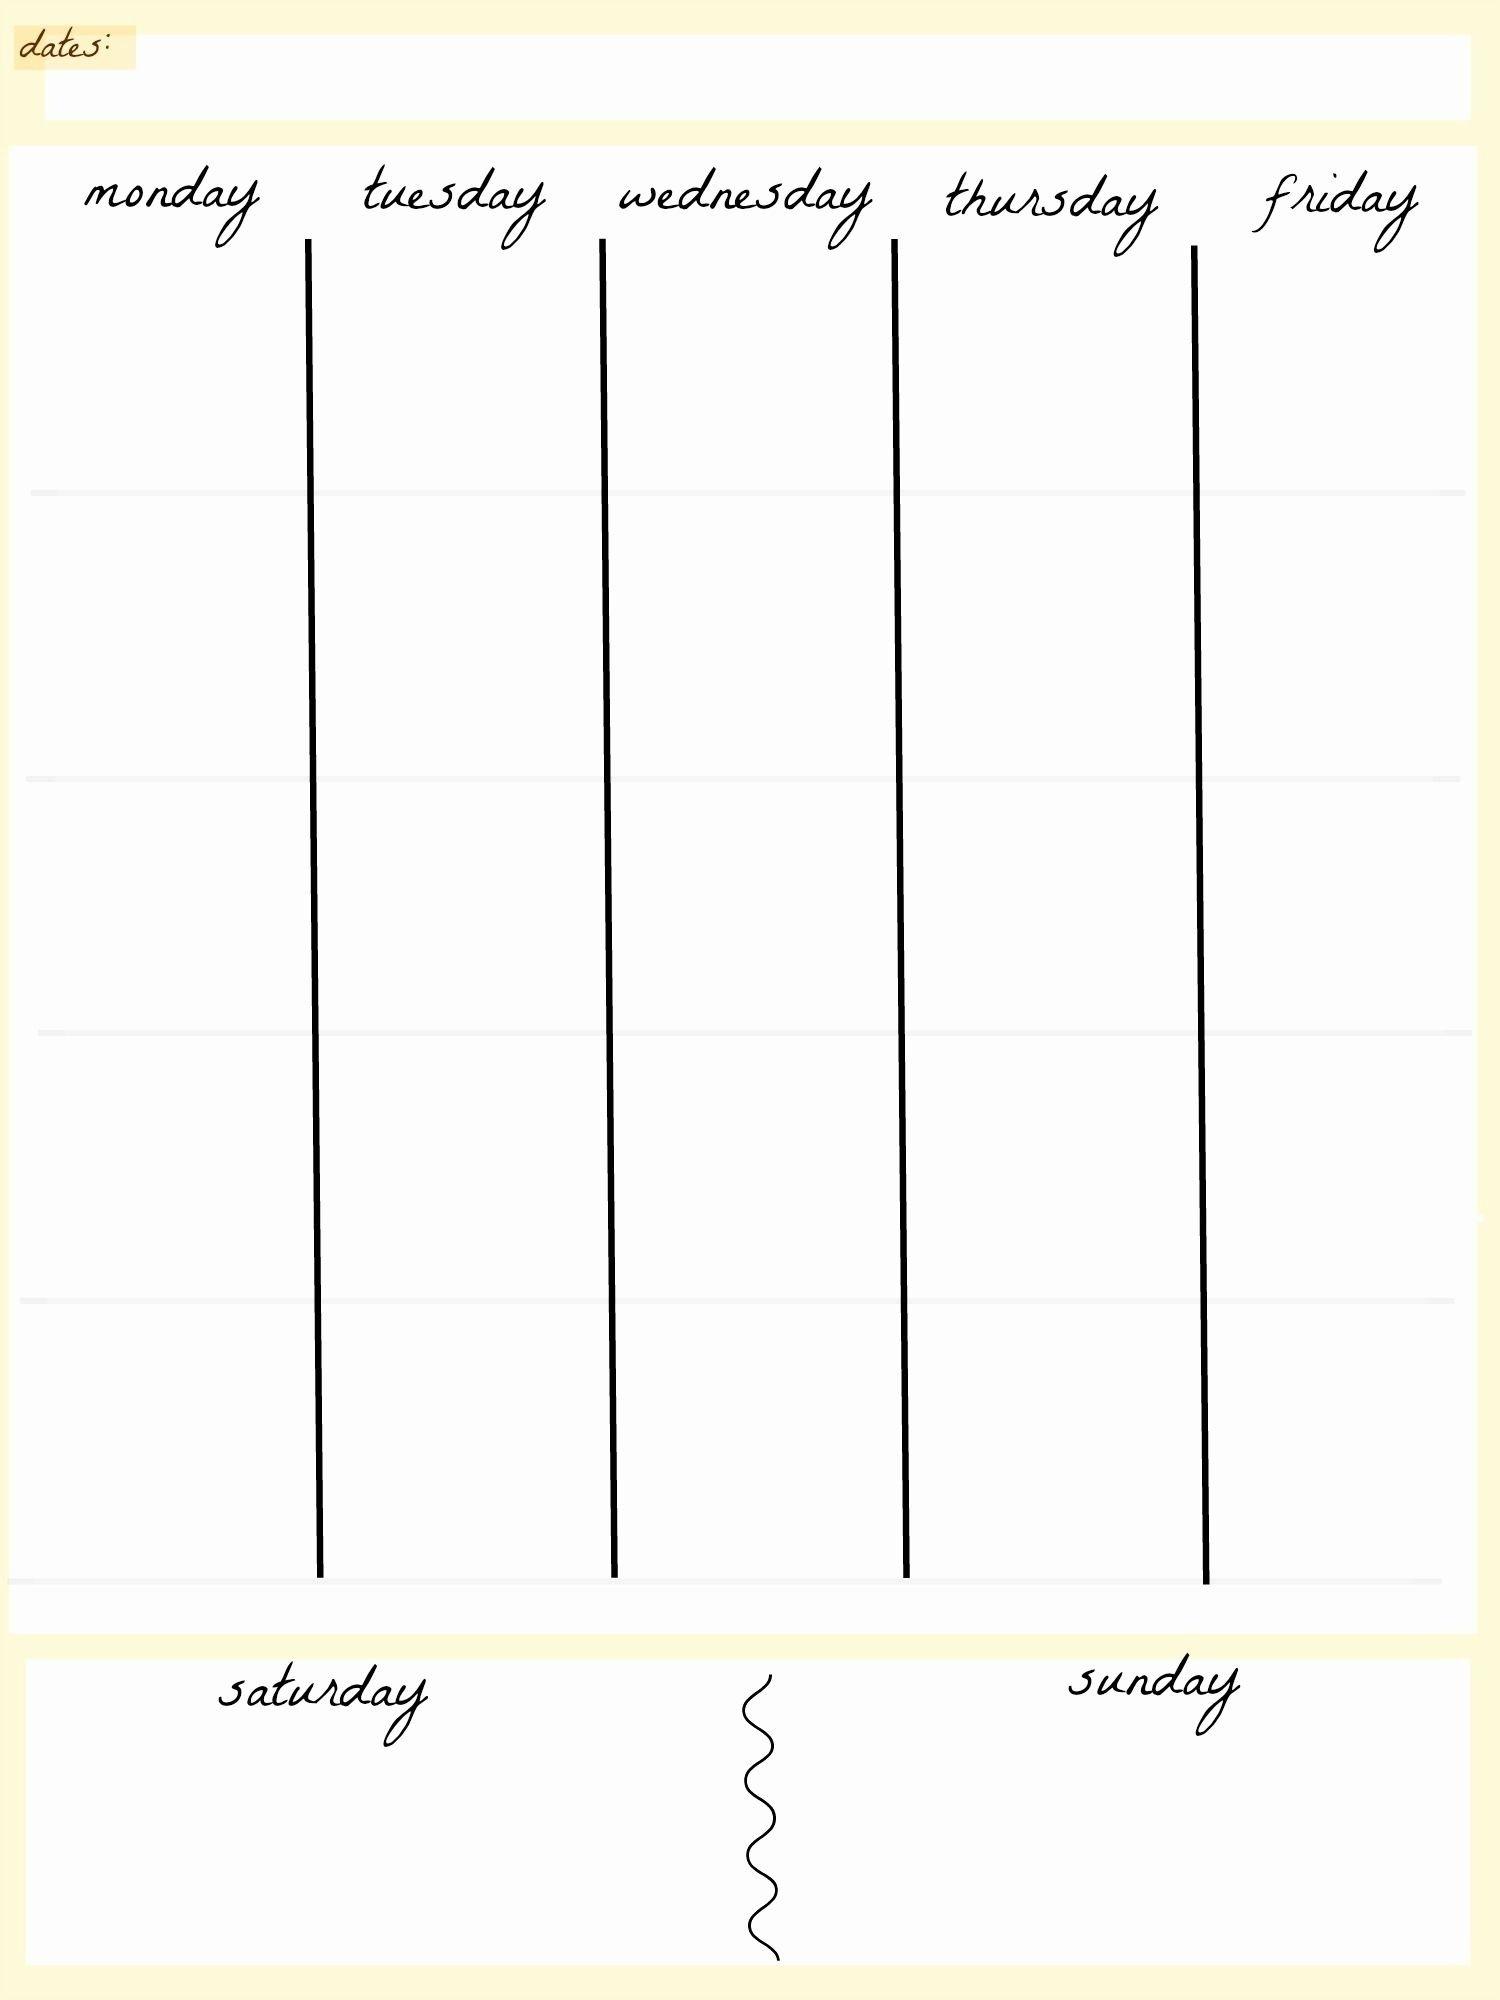 5 Day Week Planner Template | Calendar 2020 Template Five Day Calendar Template